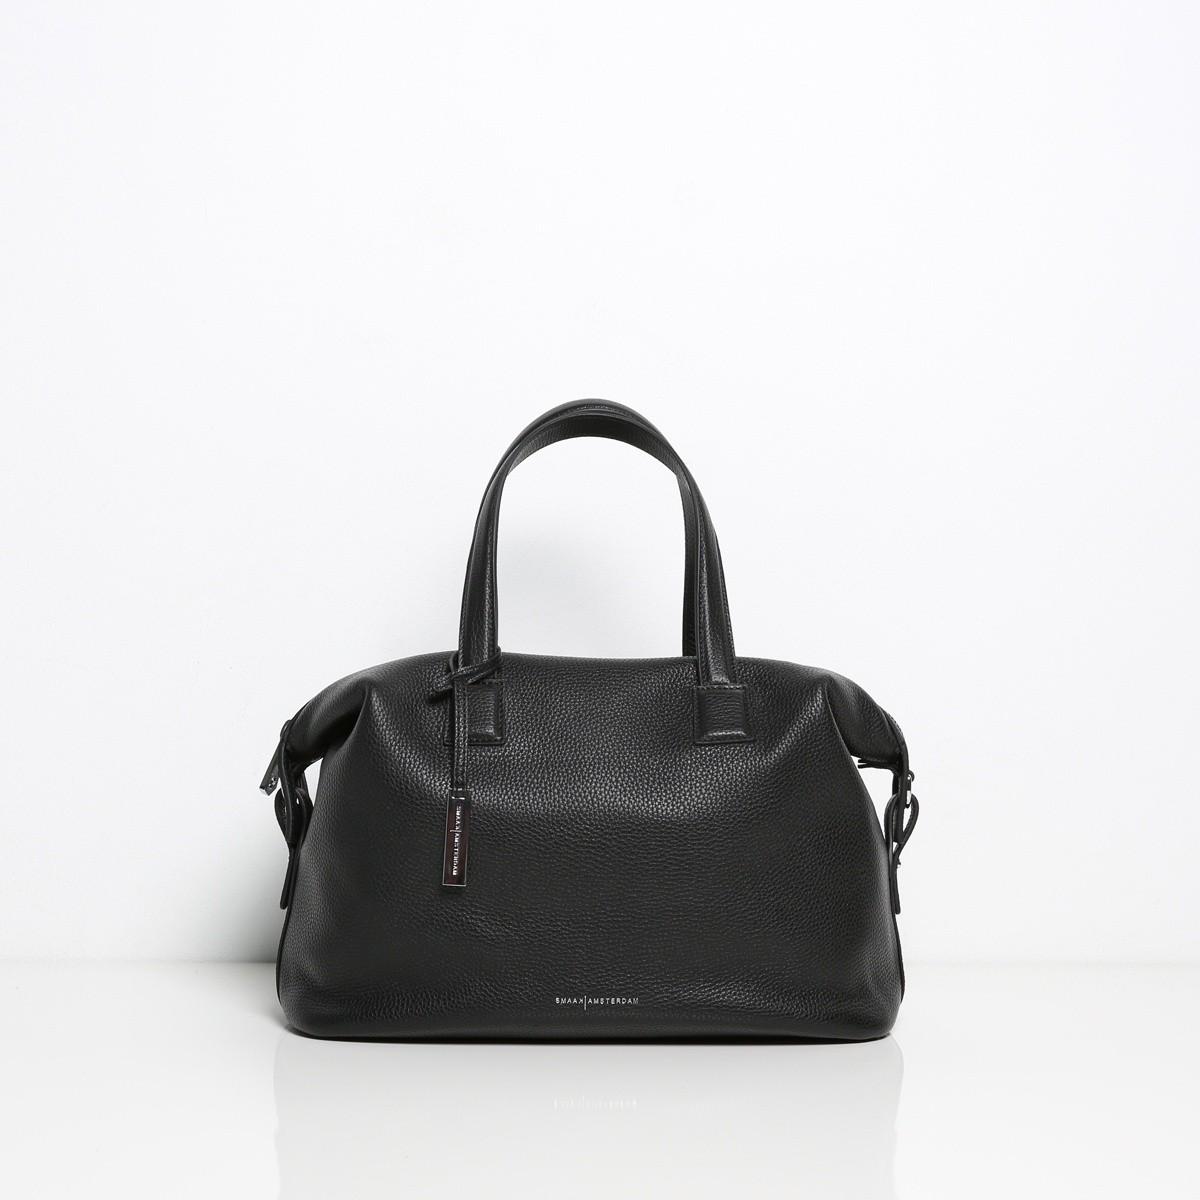 DIAPER BAG - BLACK